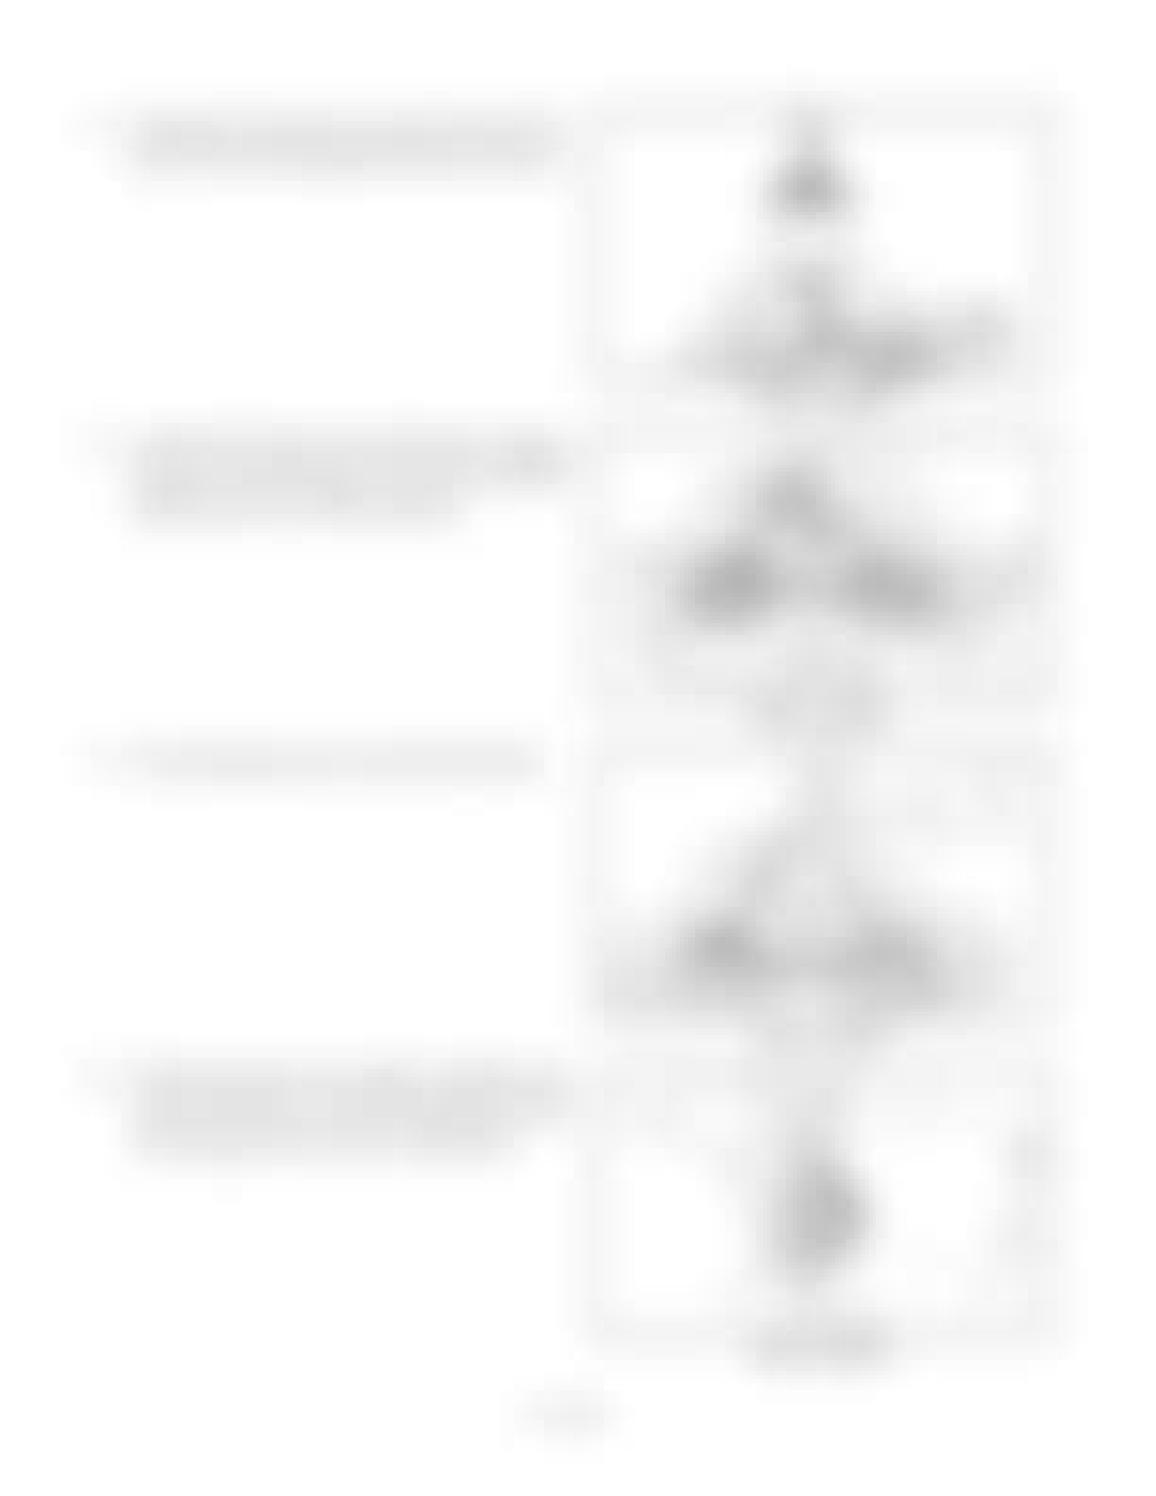 Hitachi LX110-7 LX130-7 LX160-7 LX190-7 LX230-7 Wheel Loader Workshop Manual - PDF DOWNLOAD page 78